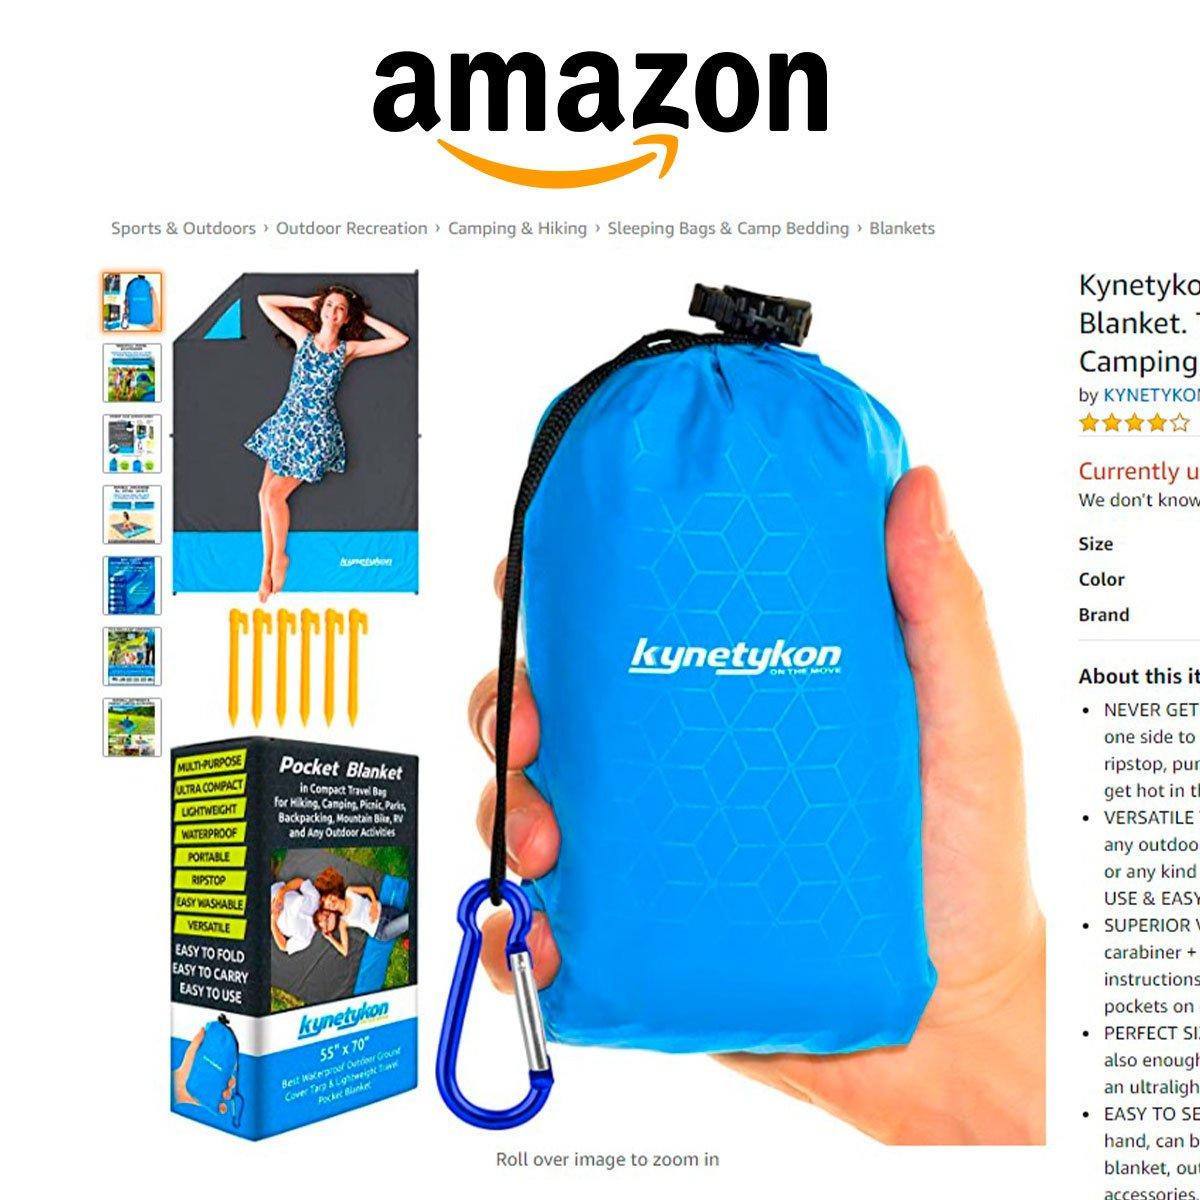 Avem o experiență cuprinzătoare în dezvoltarea de concepte grafice pentru galerii de listinguri Amazon, pagini A+ cu grafică profesională, EBC planificate grafic pentru o cât mai bună conversie și în general în crearea de brand identity relevantă și unică pe piață pentru produse vândute pe Amazon.